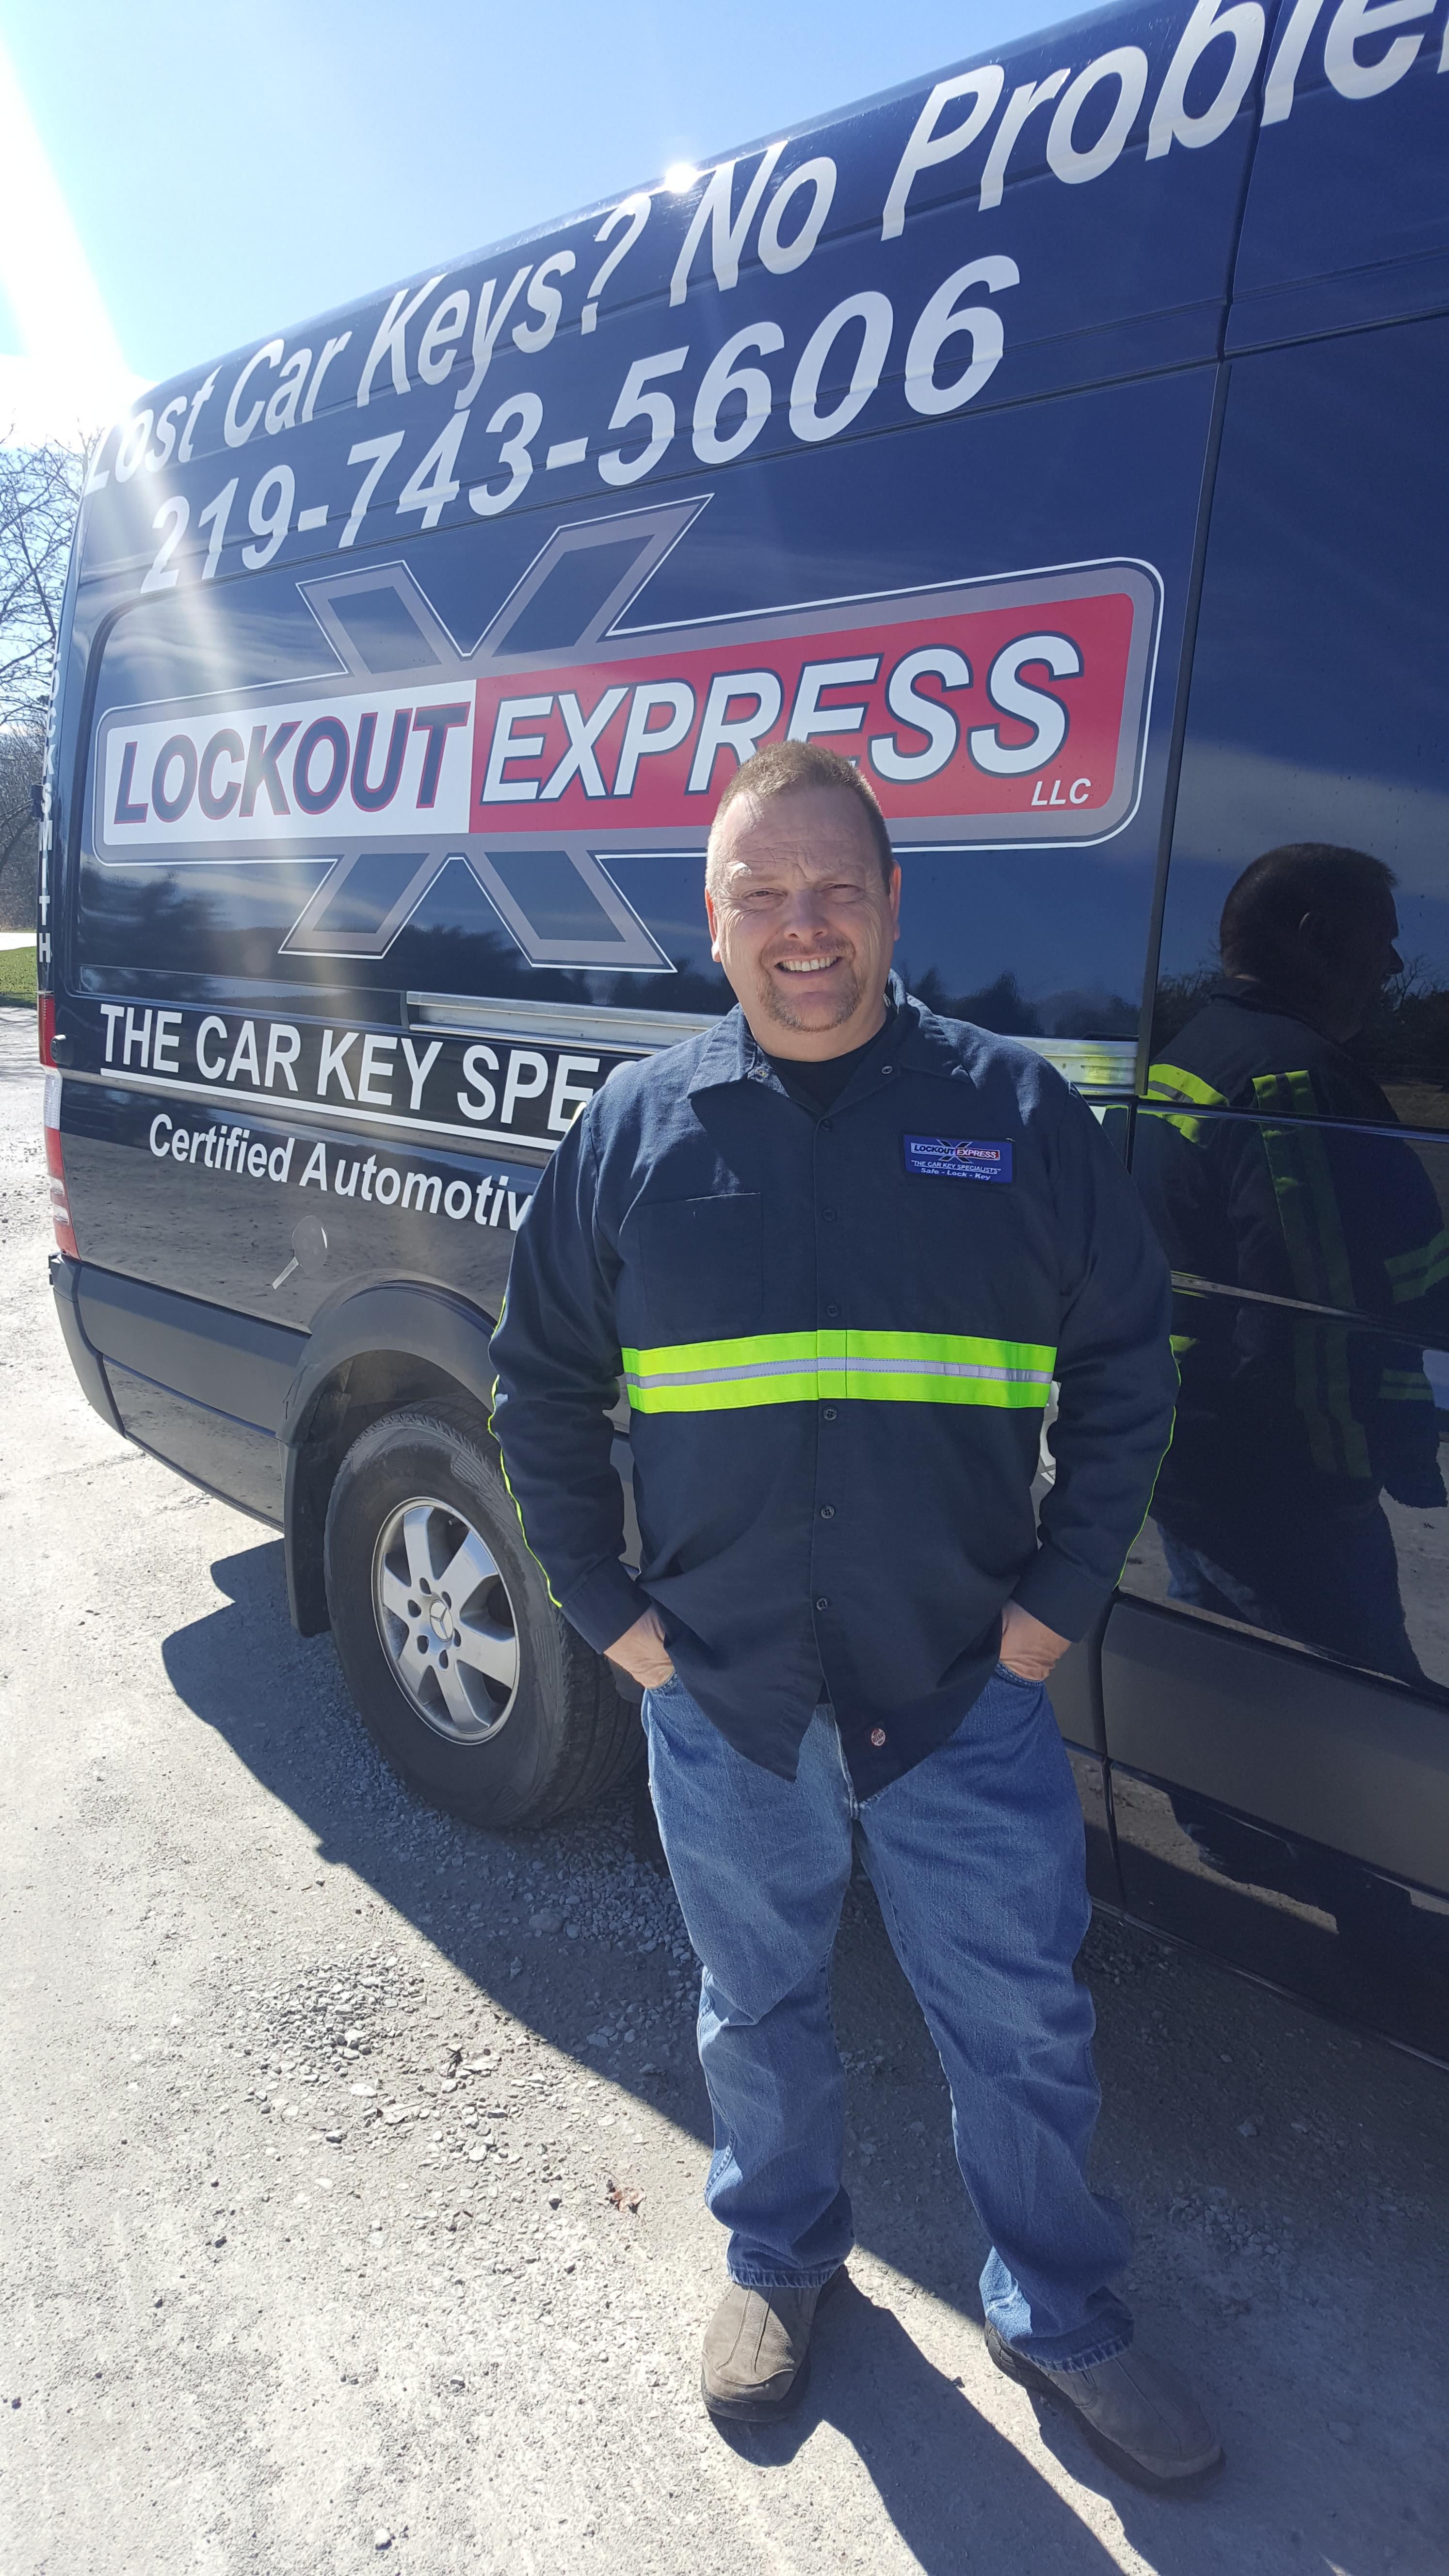 Lockout Express Llc Fort Wayne Indiana Localdatabase Com